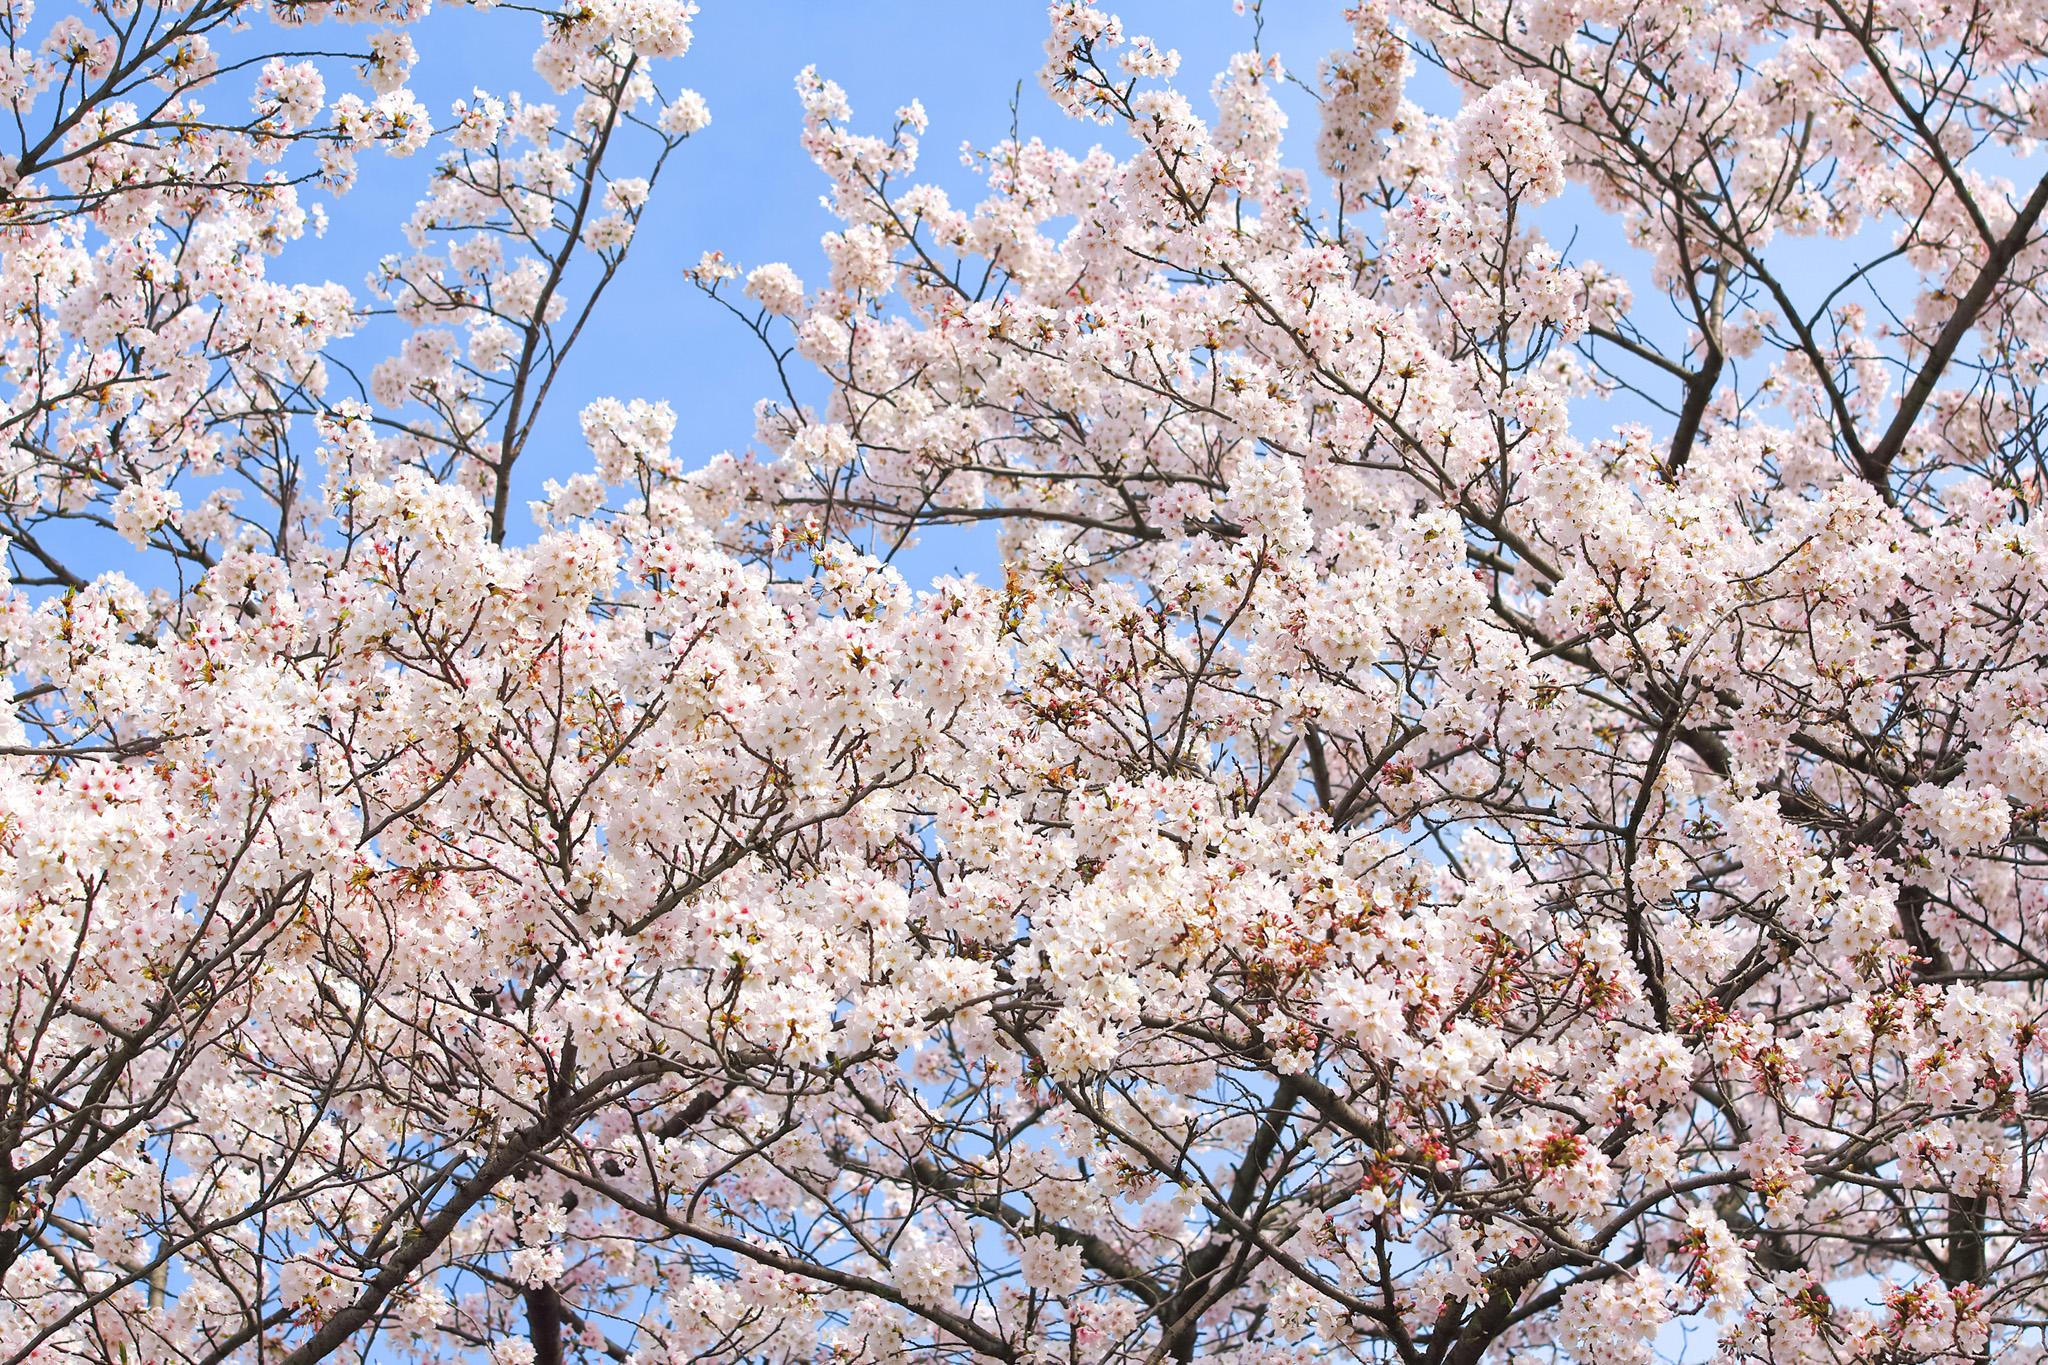 「白い桜の花」の画像を無料ダウンロード